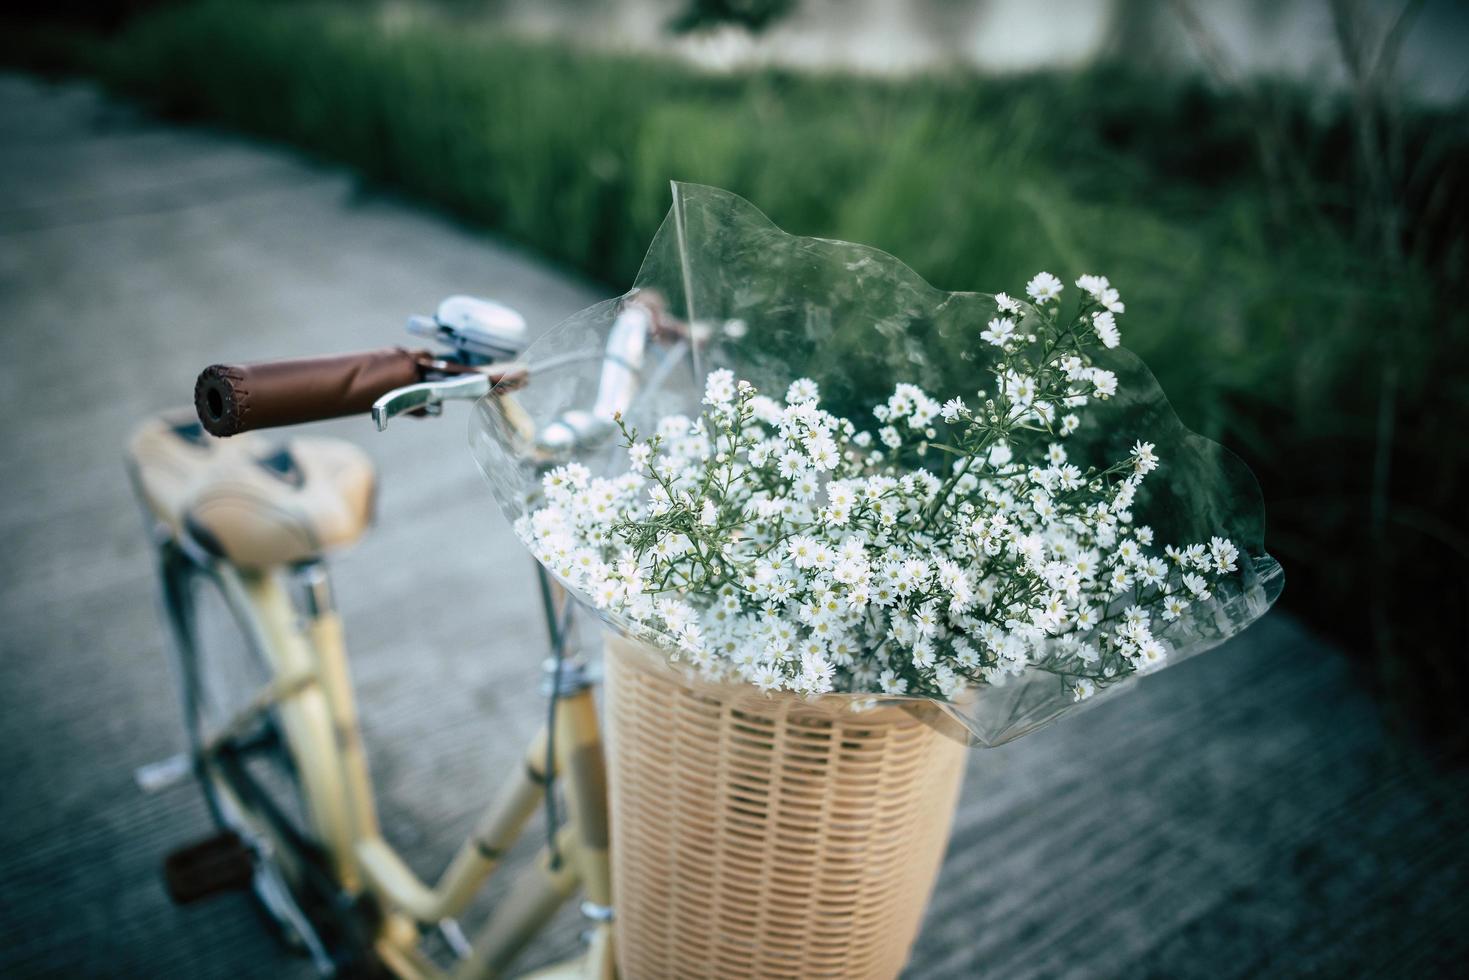 vintage fiets met een mand vol wilde bloemen foto